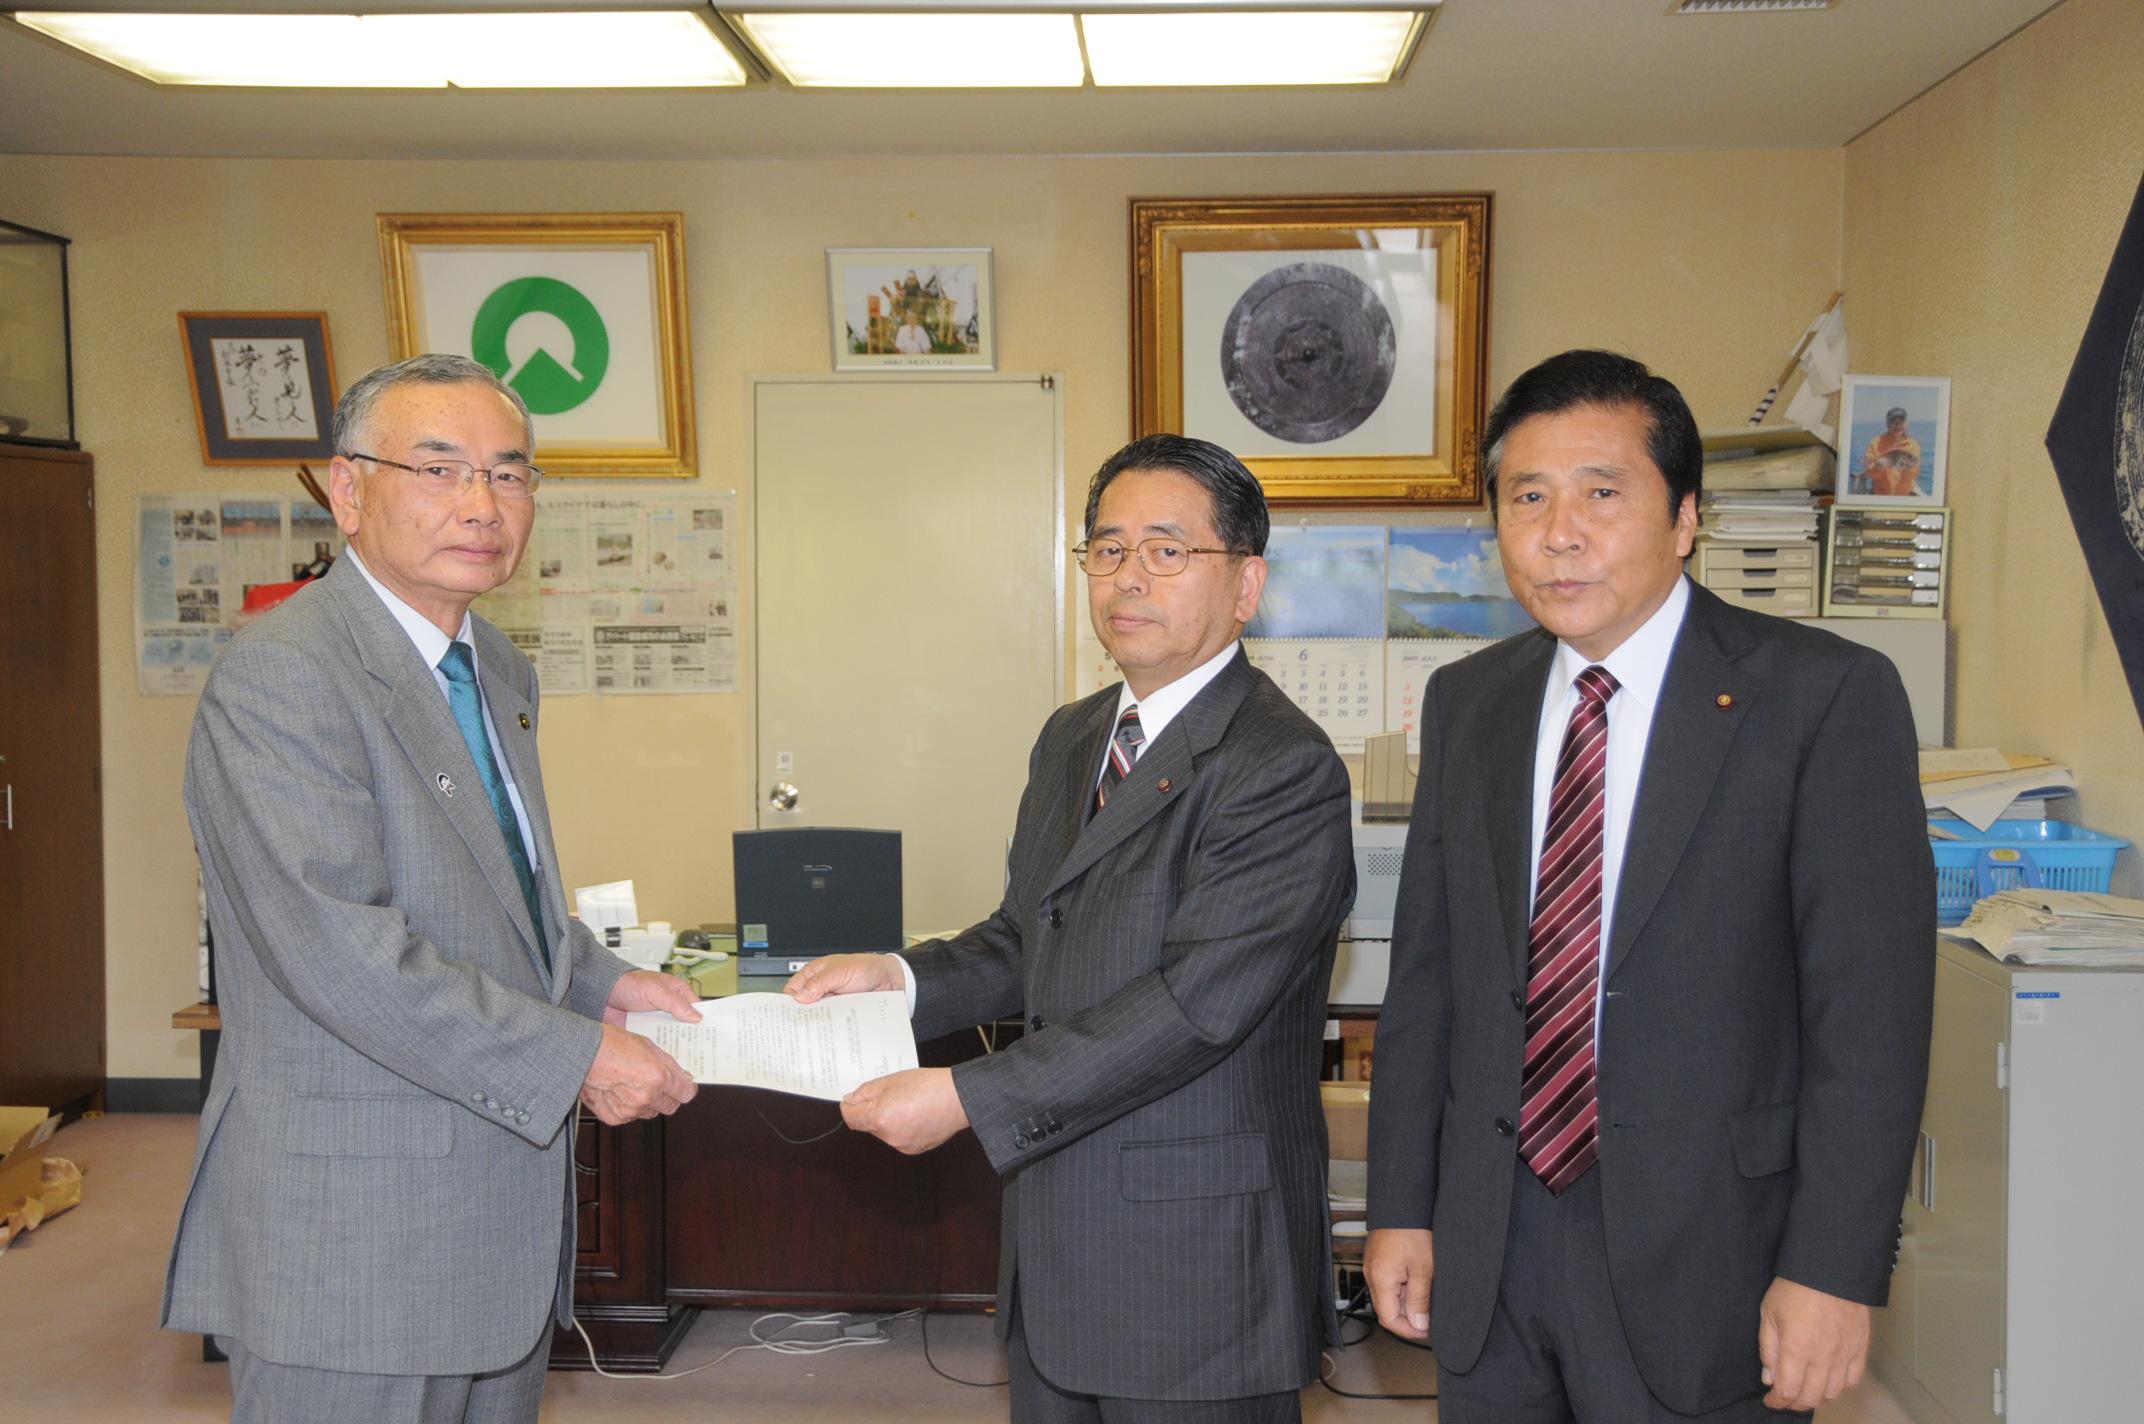 松本市長に要望書を渡す